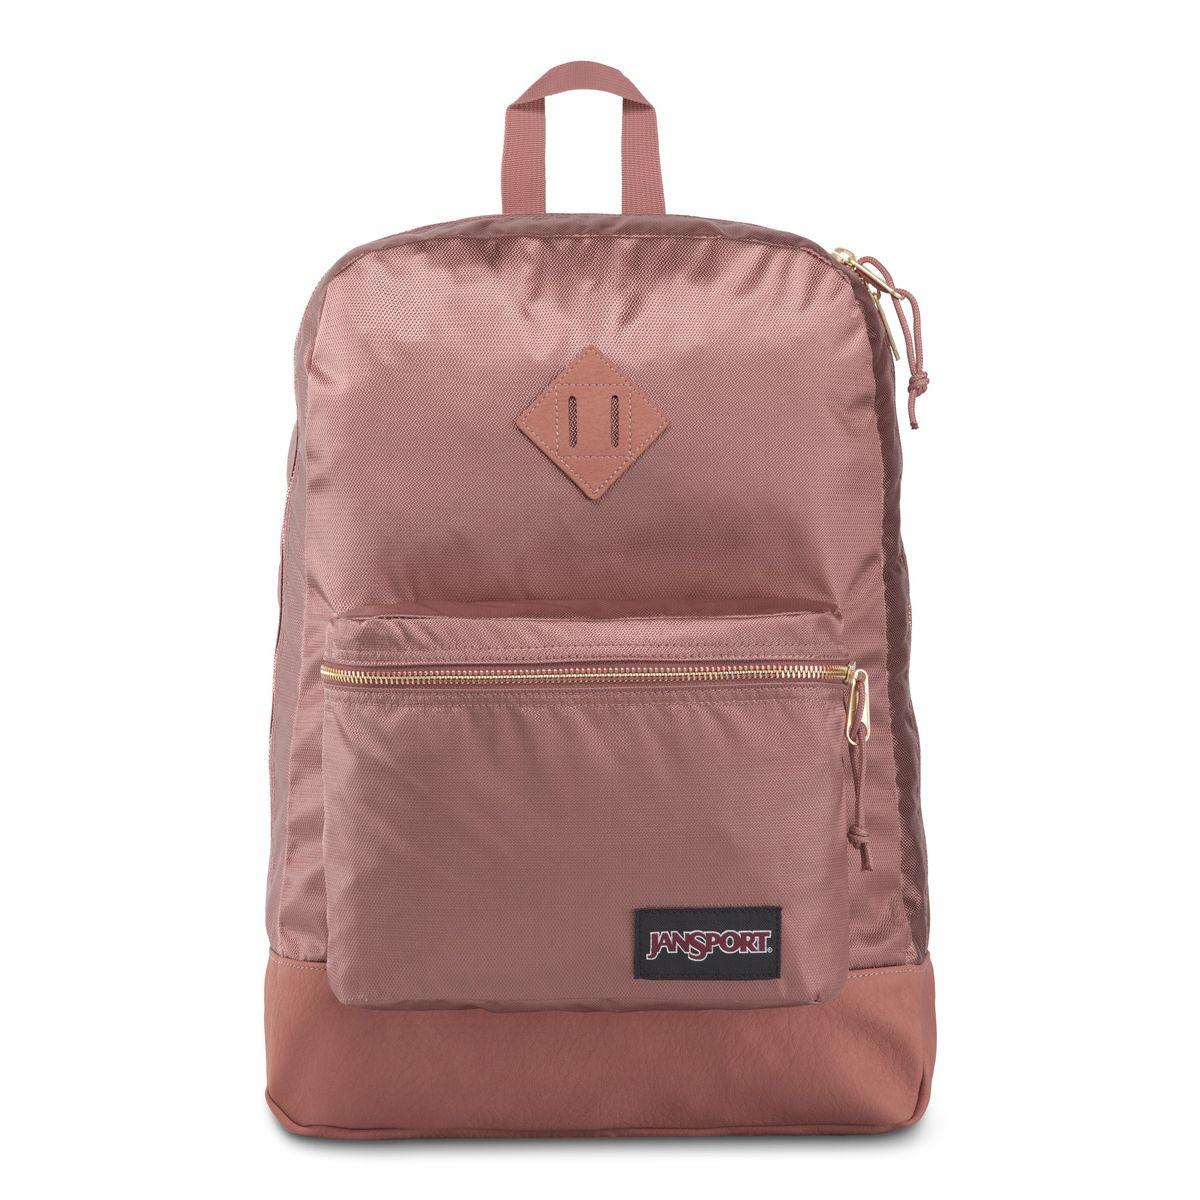 JanSport Super FX Backpack in Mocha Gold Premium Poly